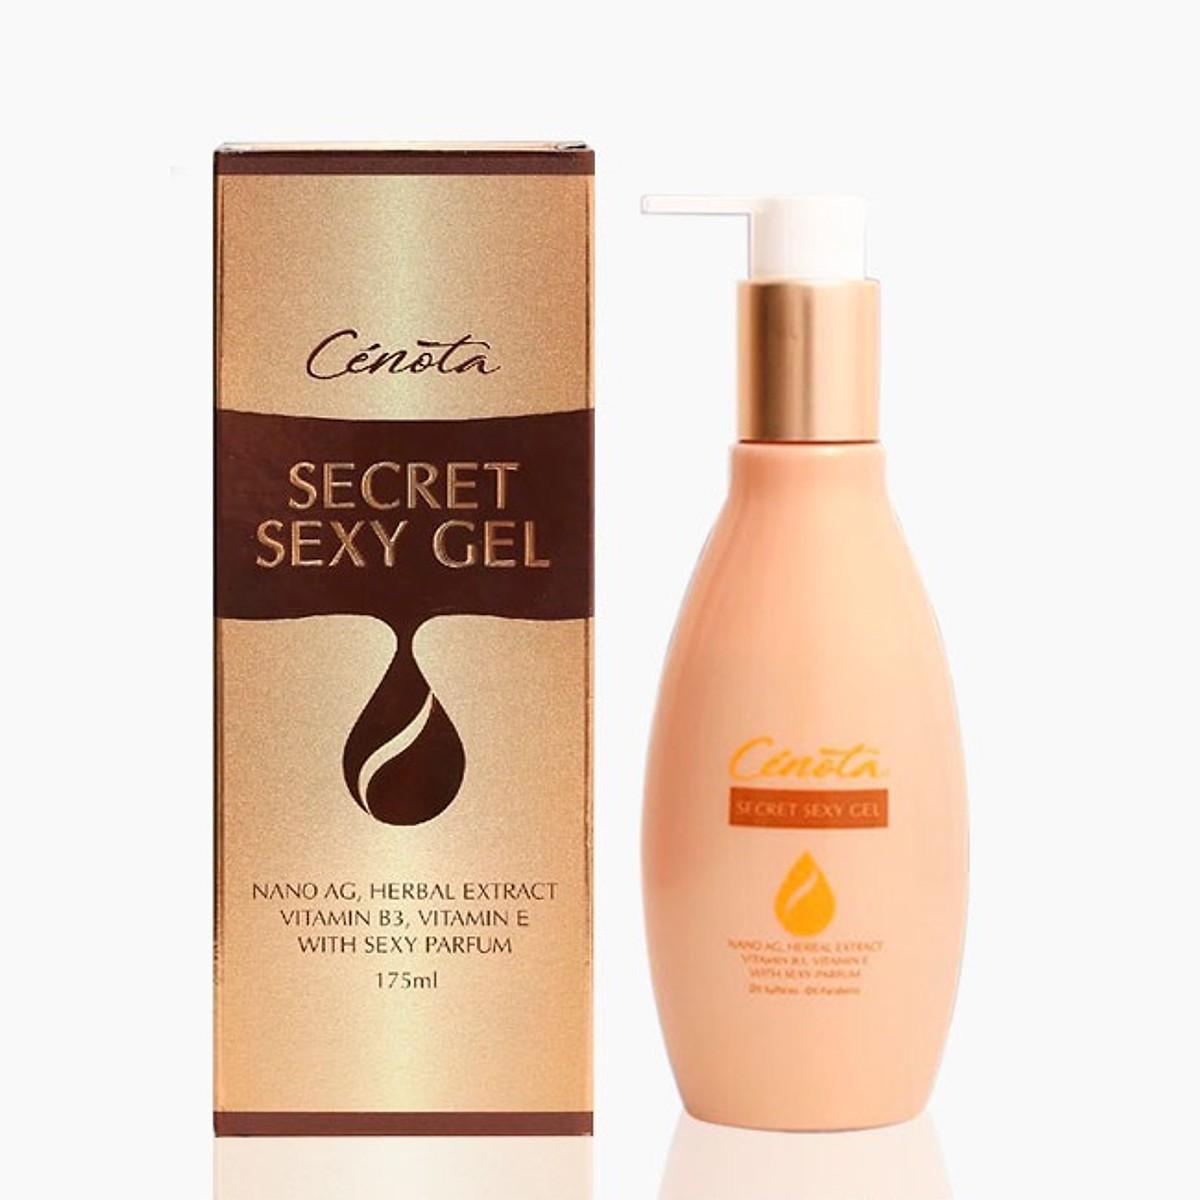 Dung Dịch Vệ Sinh Phụ Nữ Làm Hồng Và Se Khít Vùng Kín Cenota Secret Sexy Gel 175ml nhập khẩu